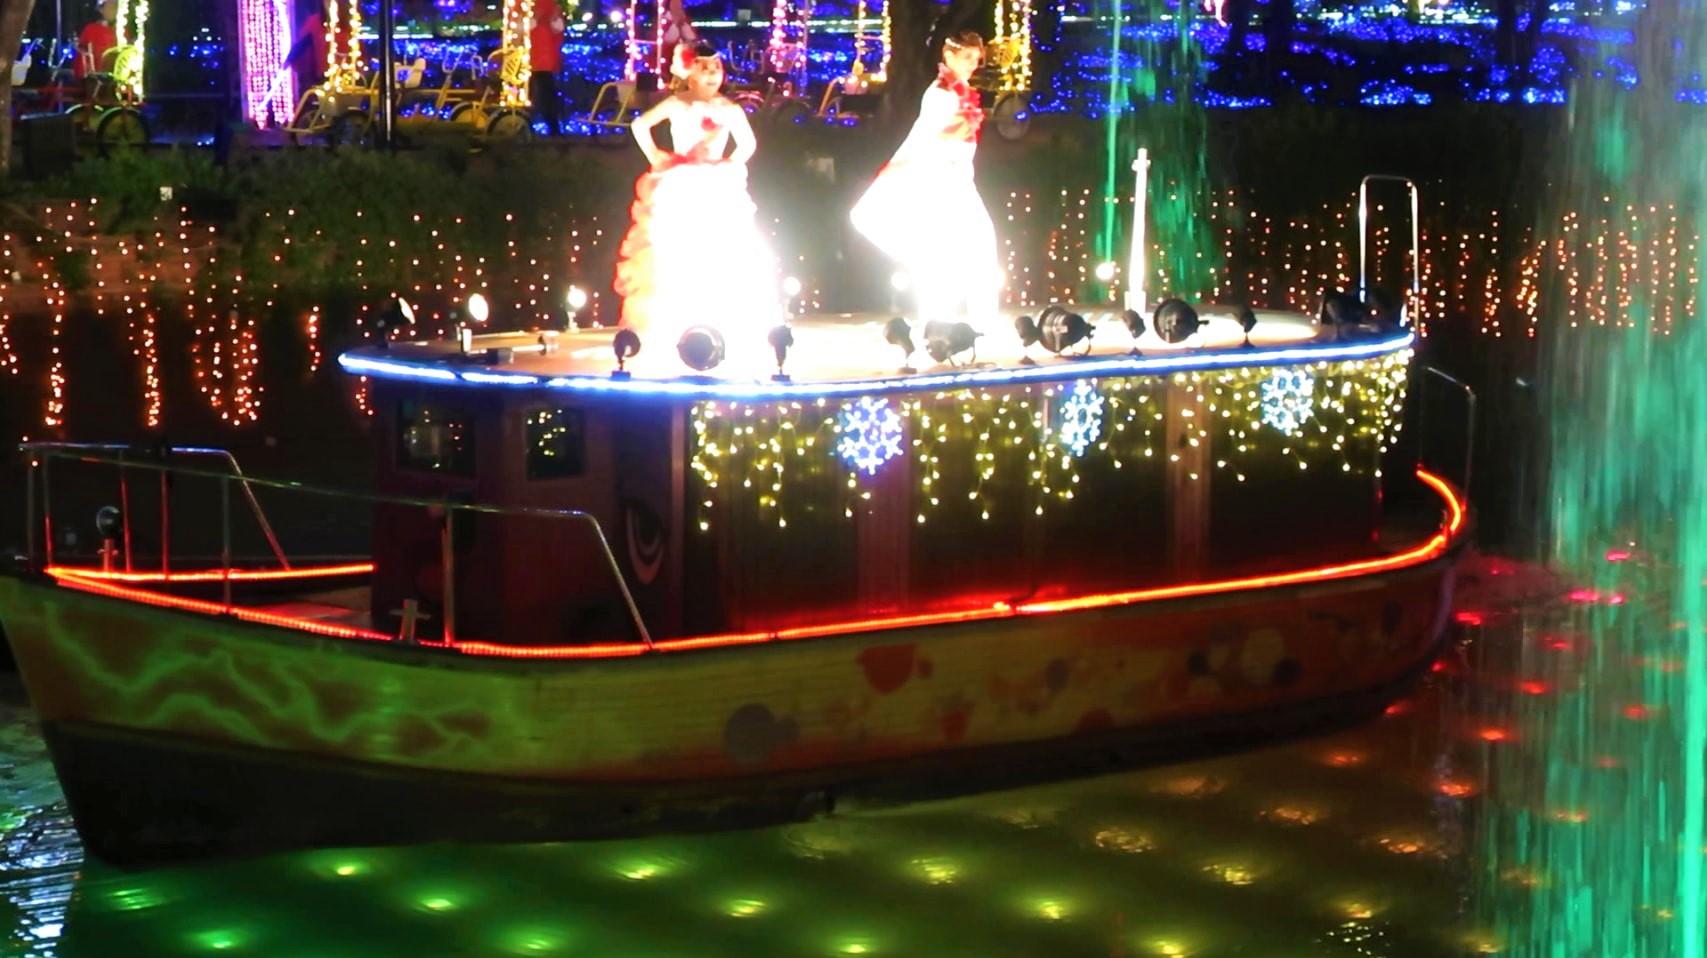 ハウステンボス 光の王国 回り方 水上ショー ハウステンボス歌劇団